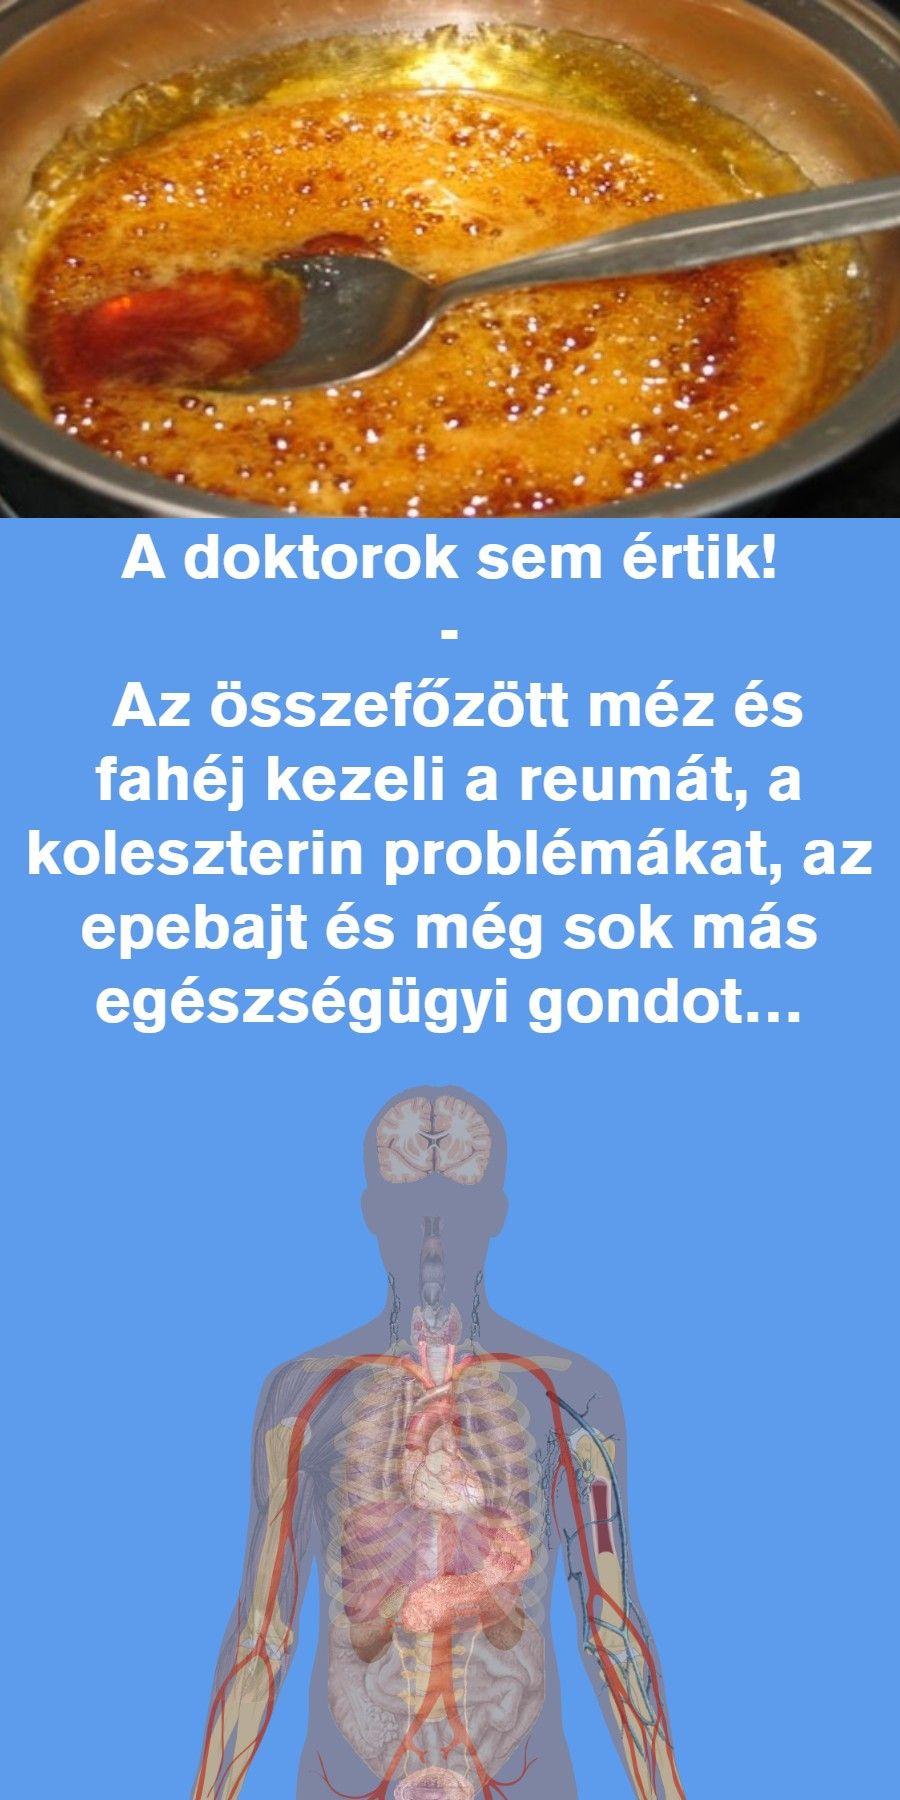 pattanások és fájó ízületek)